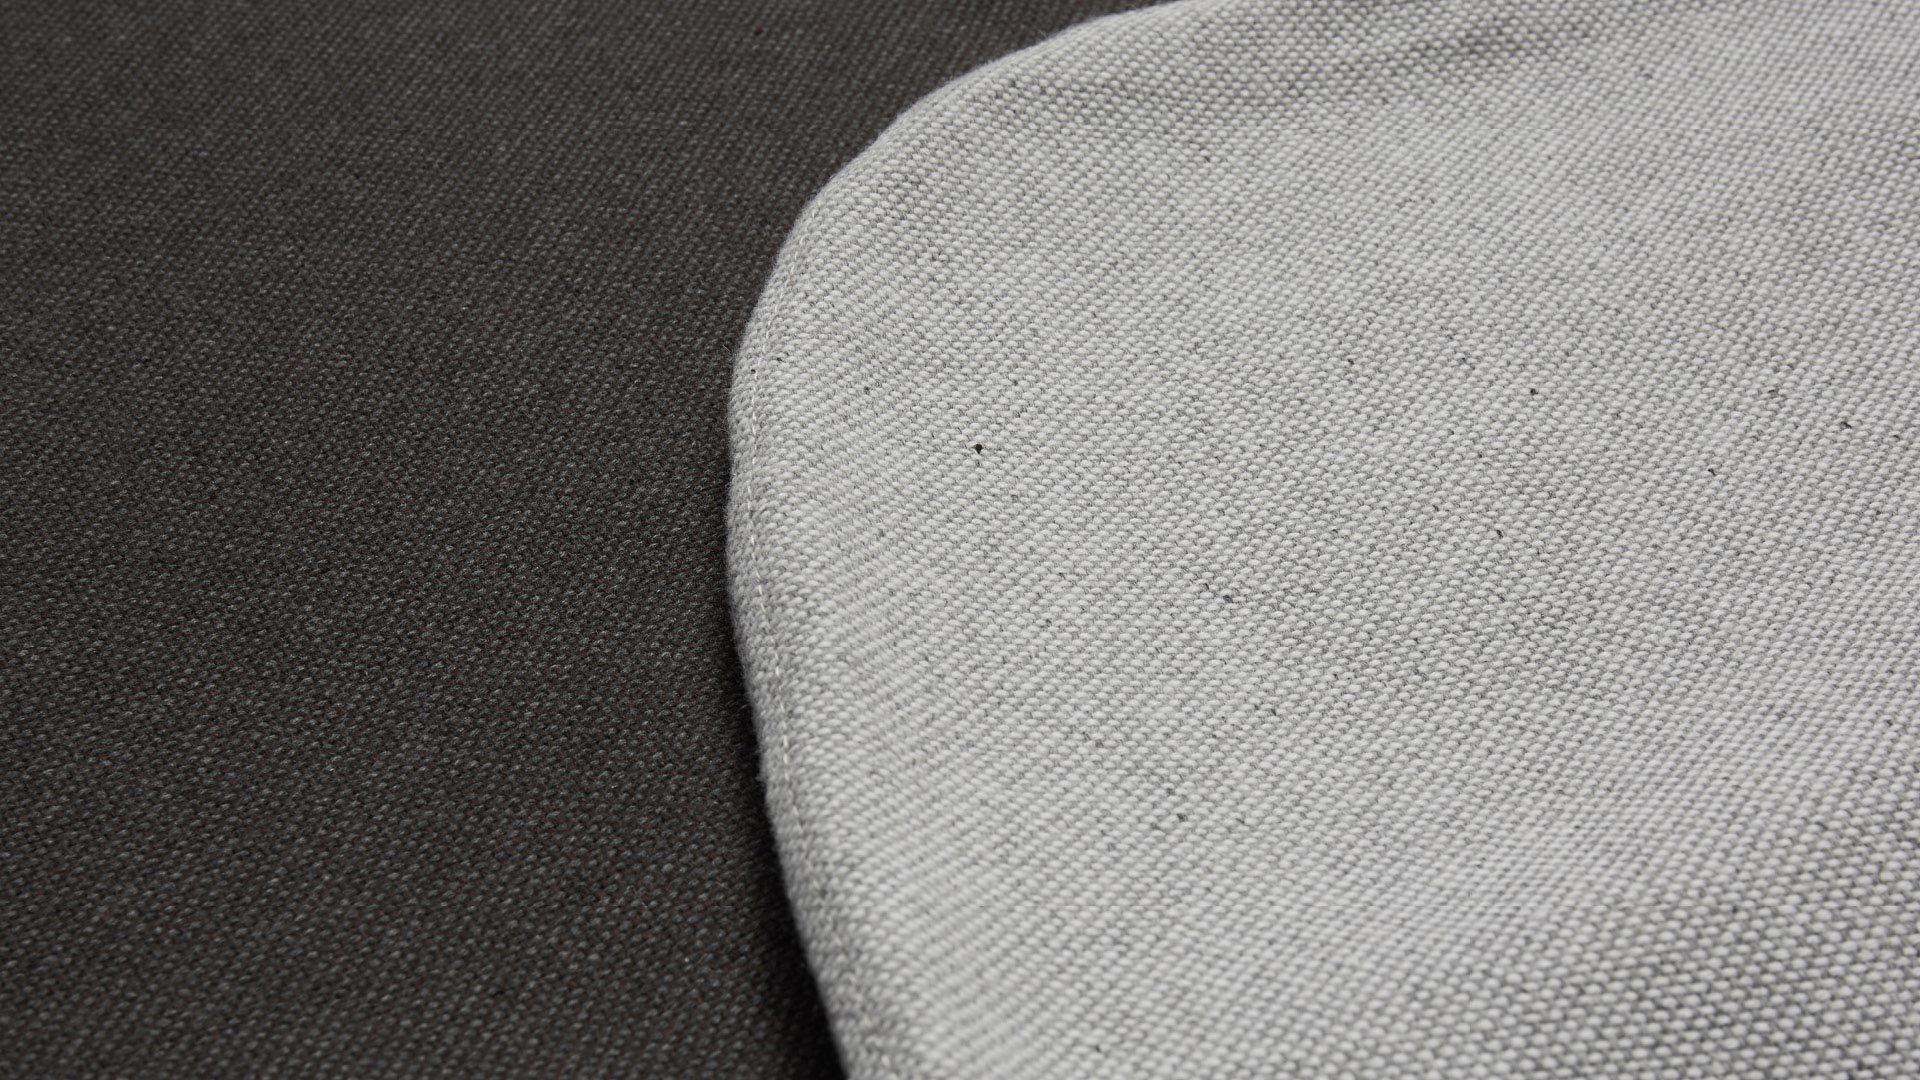 柔韧混纺面料,抗皱持久耐用